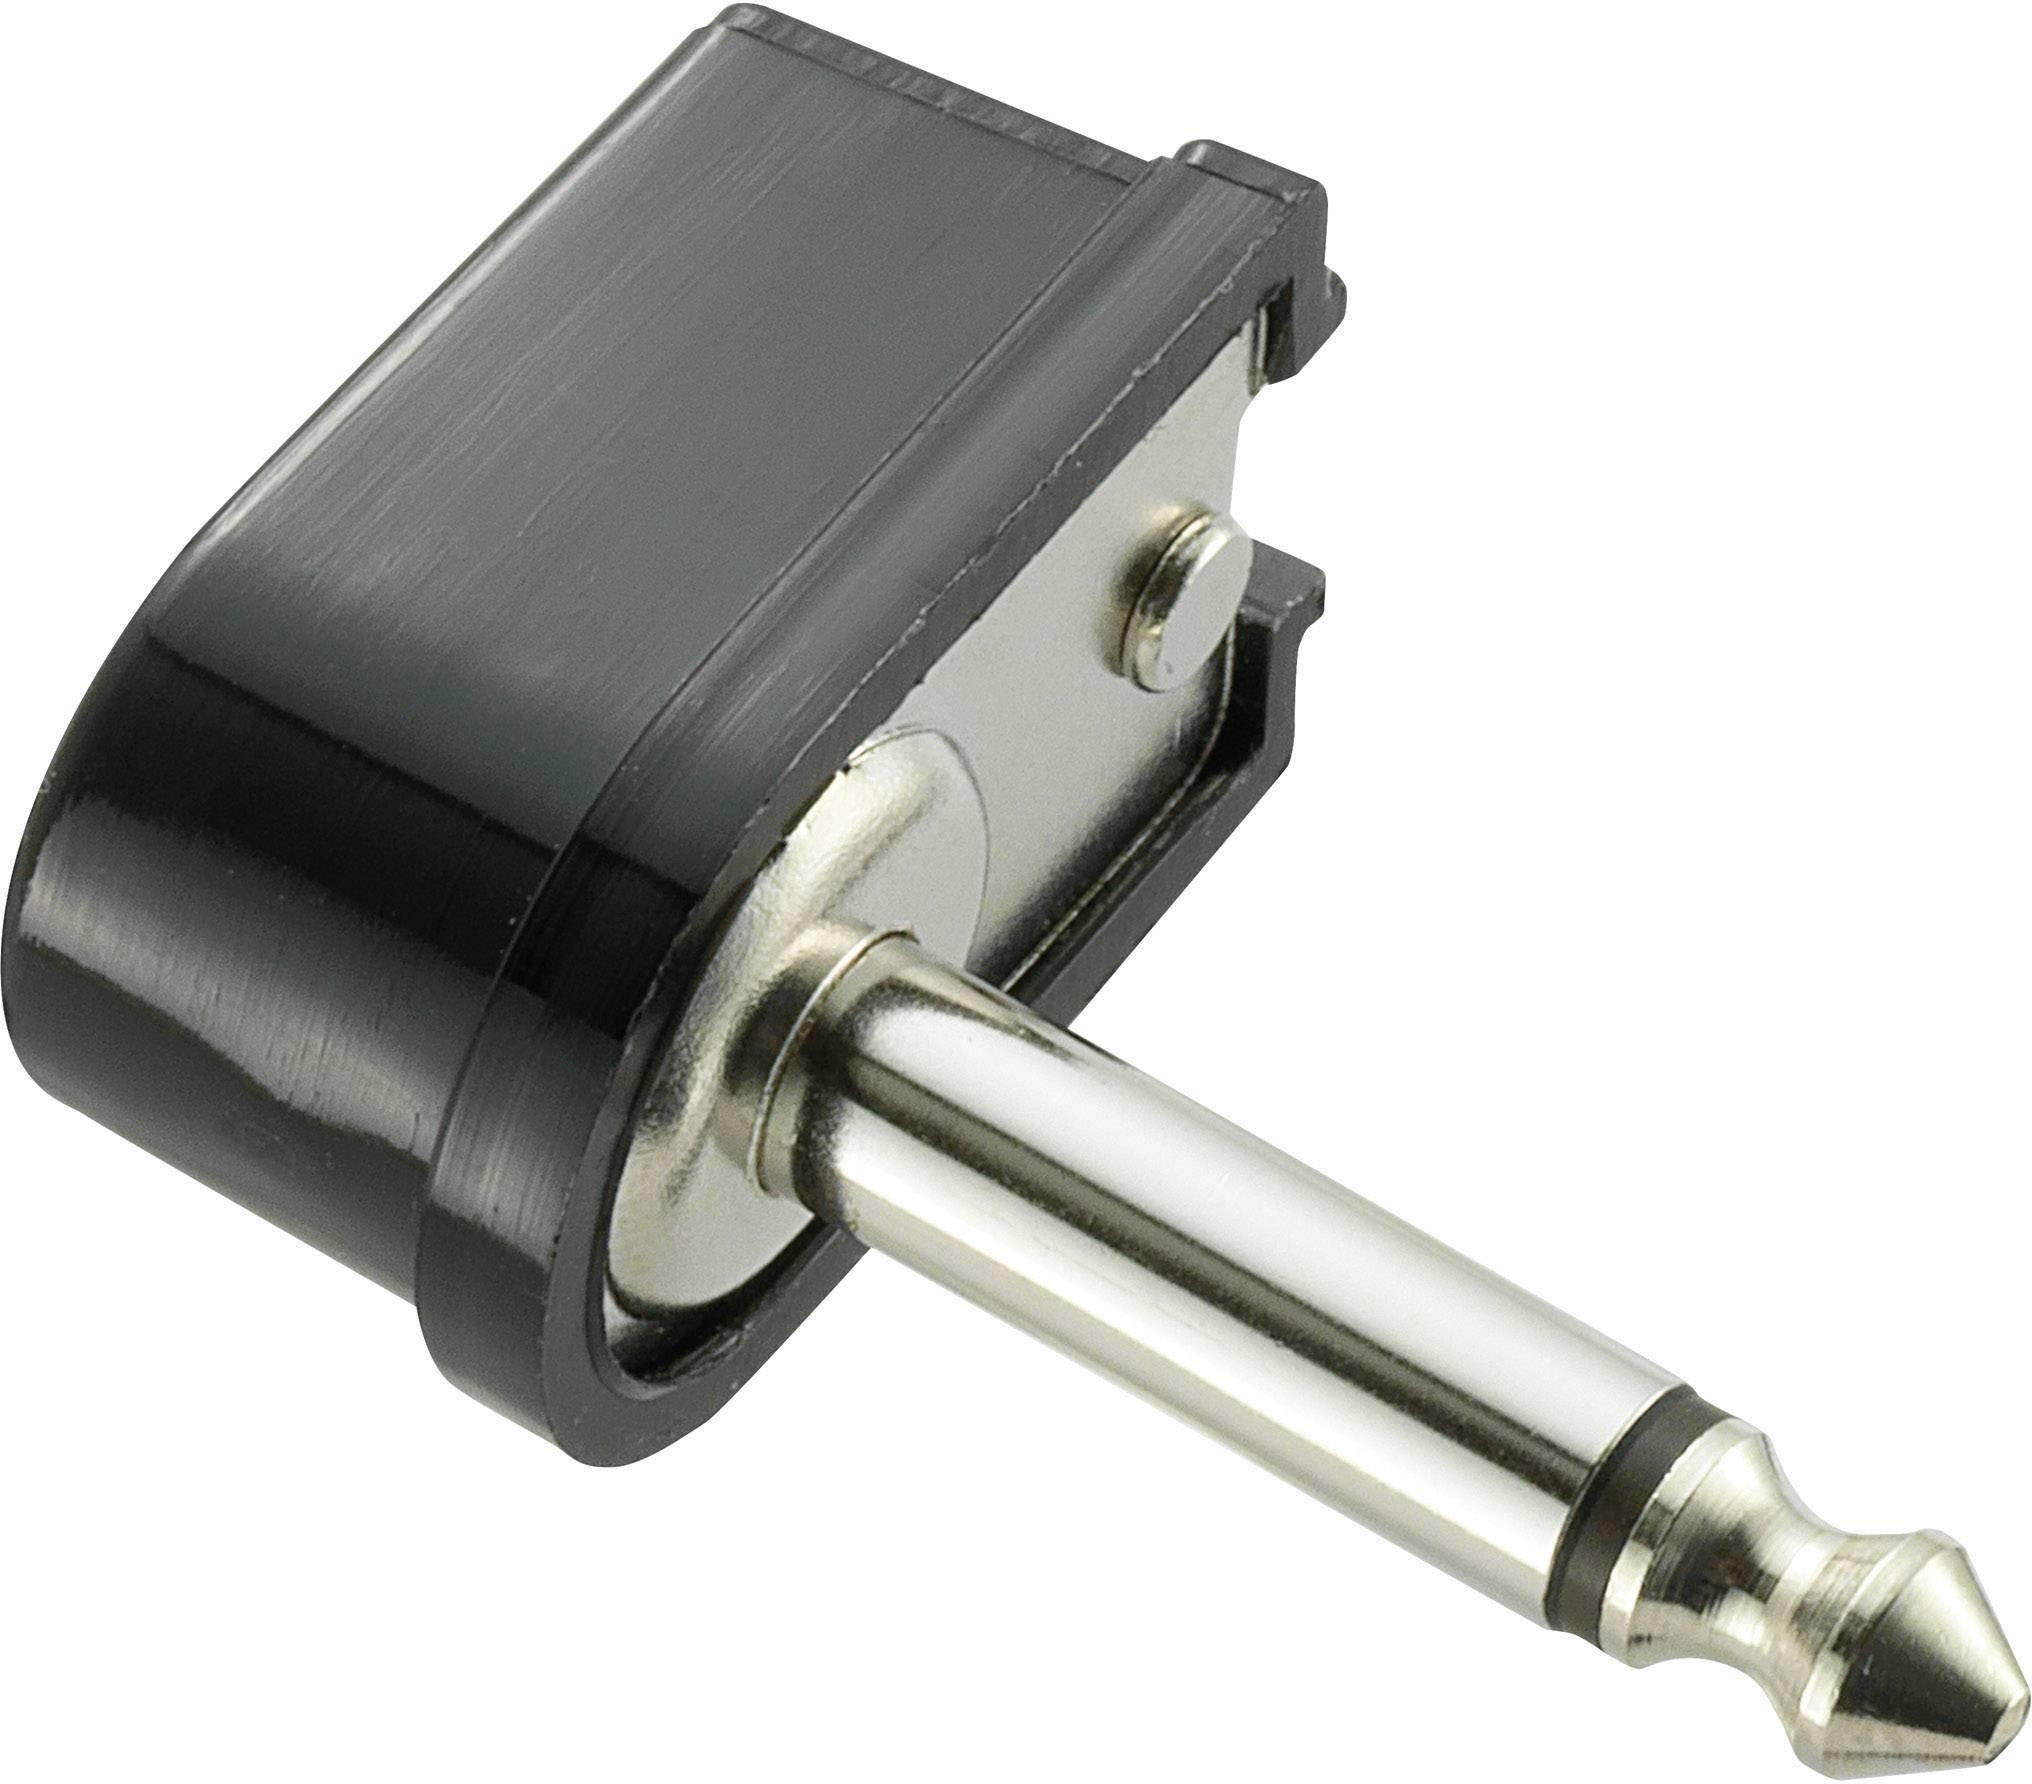 Jack konektor 6,35 mm mono, zástrčka úhlová, 2pól., černá